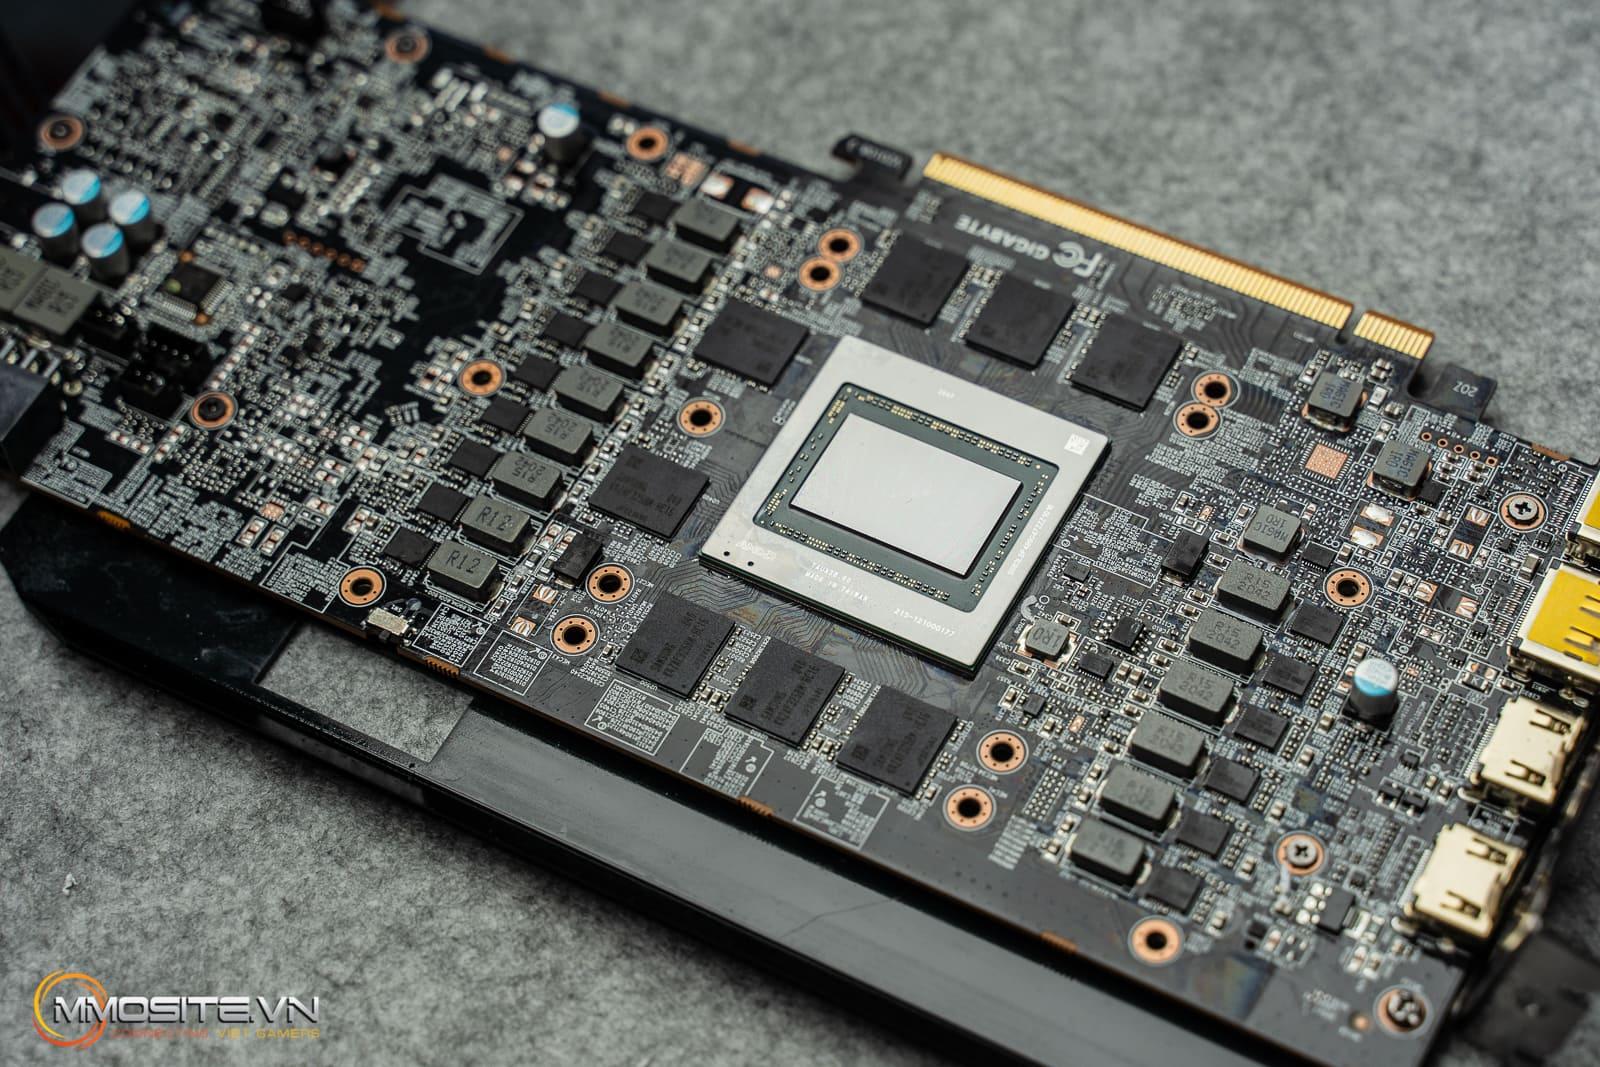 Đánh giá card đồ họa GIGABYTE AORUS Radeon RX 6800 XT MASTER